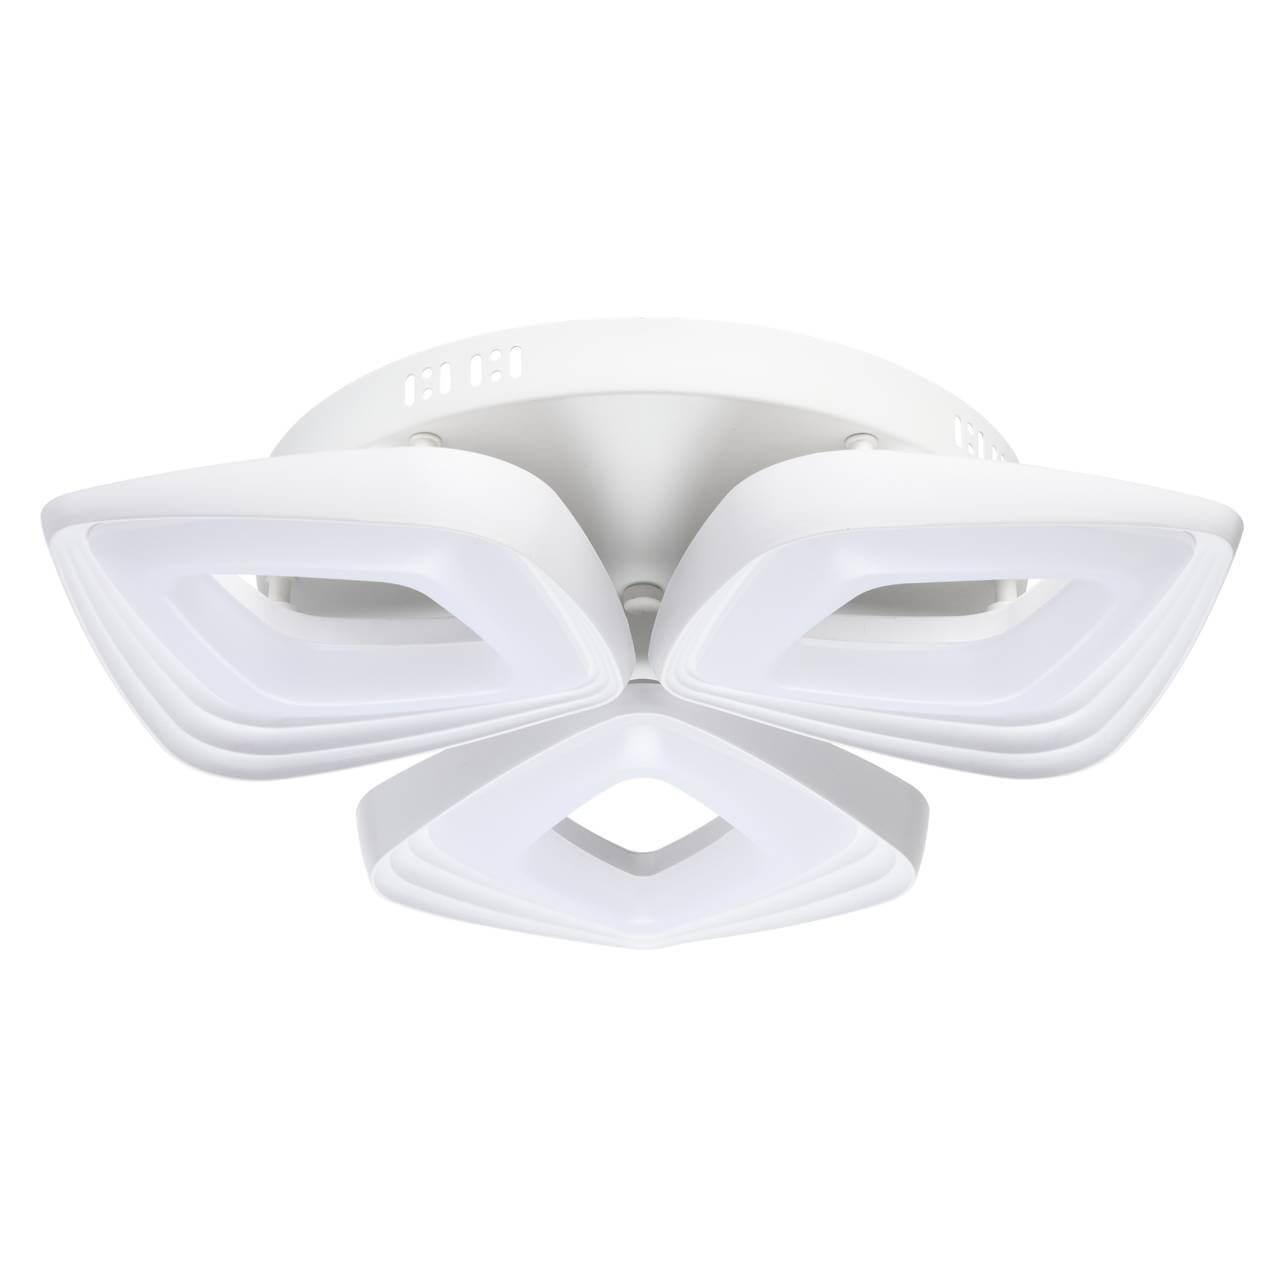 Потолочная светодиодная люстра De Markt Аурих 496018803